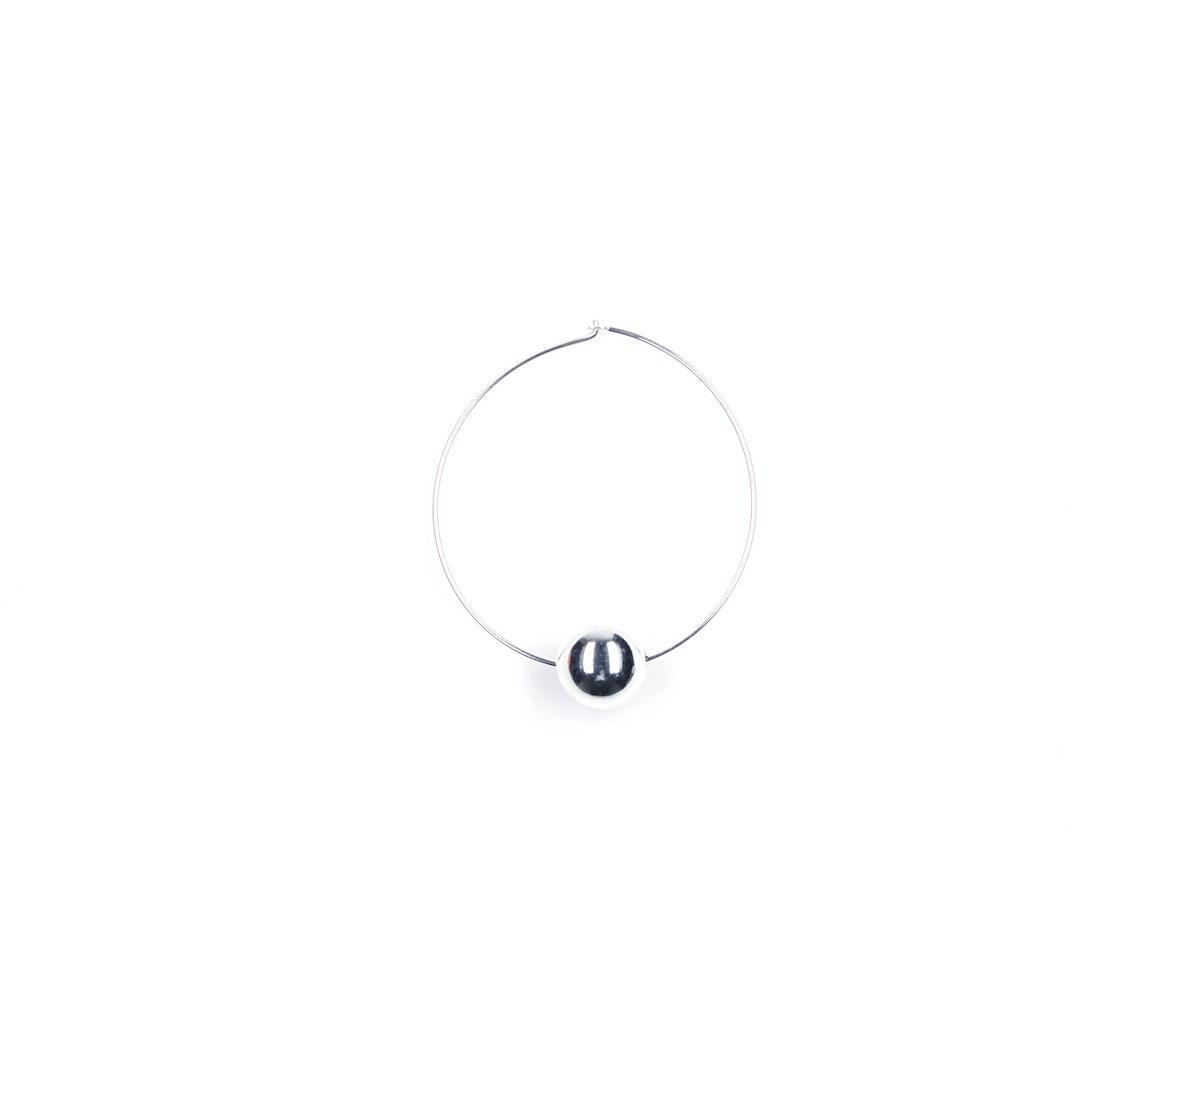 Sorelle hoop earrings